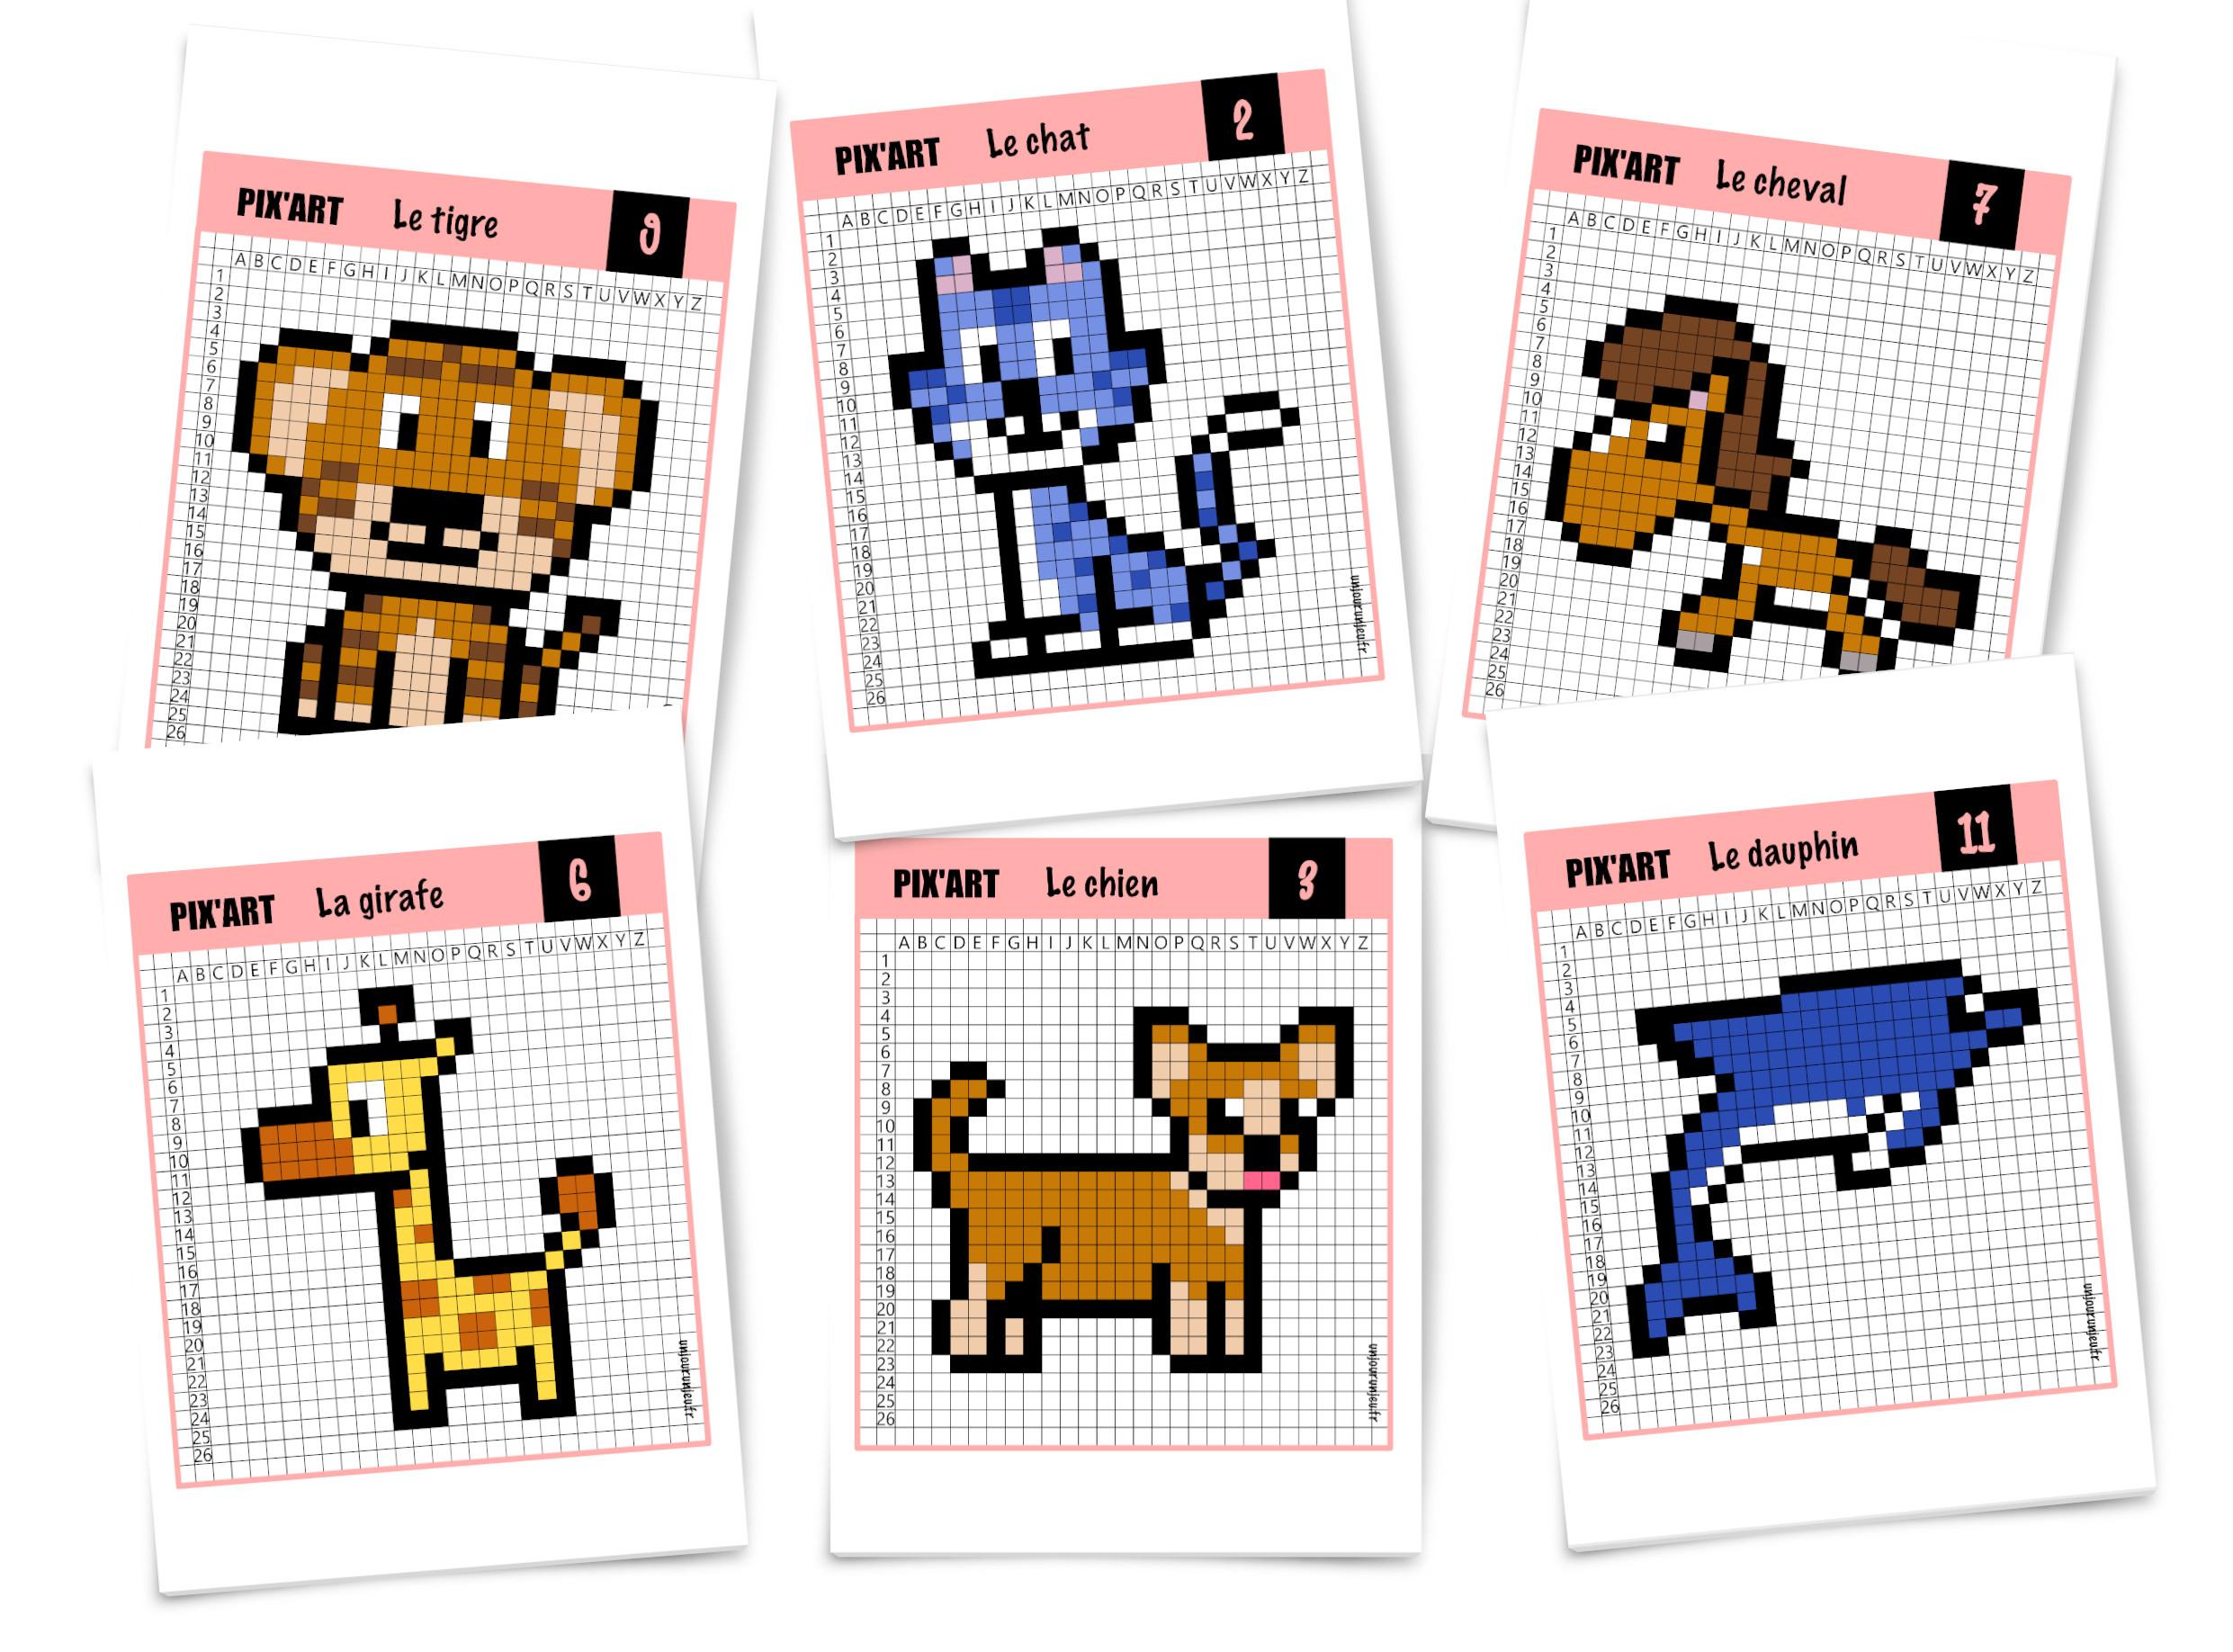 Pixel Art Animaux : 12 Modèles À Télécharger Gratuitement destiné Jeux De Bébé Animaux Gratuit